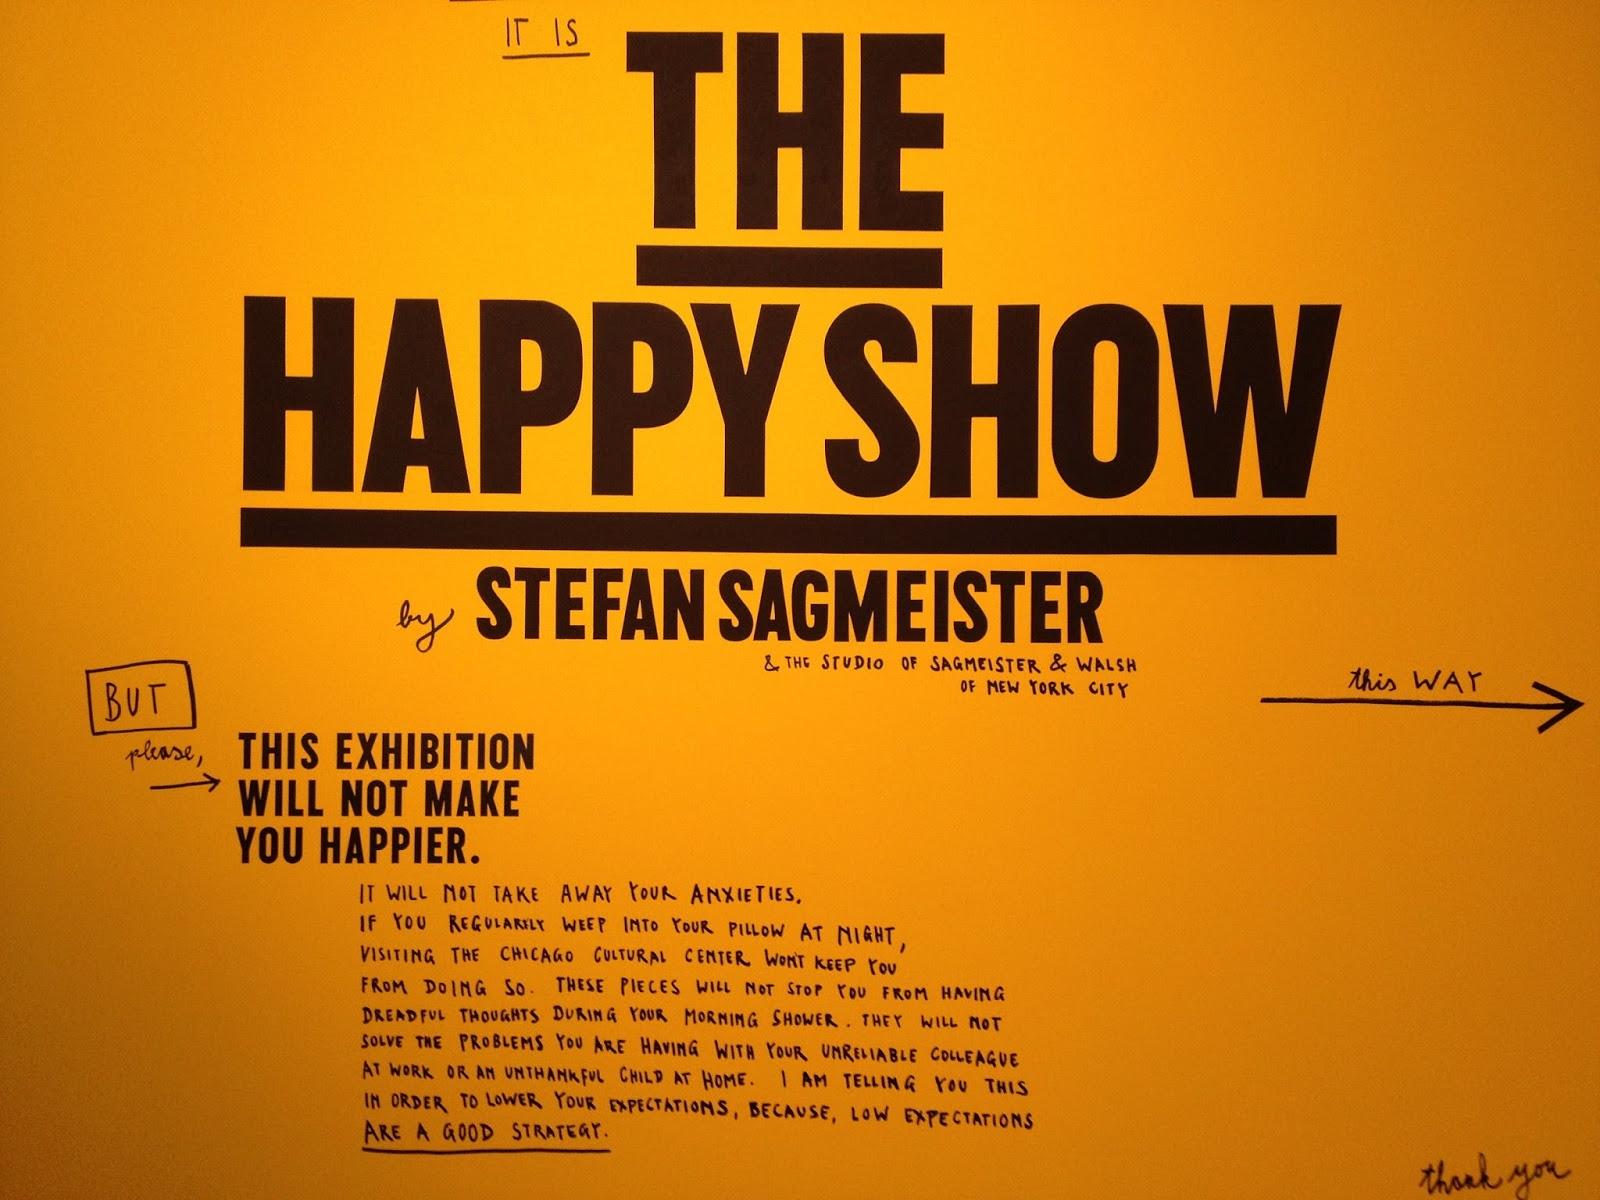 The happy show: c'est quand le bonheur ?